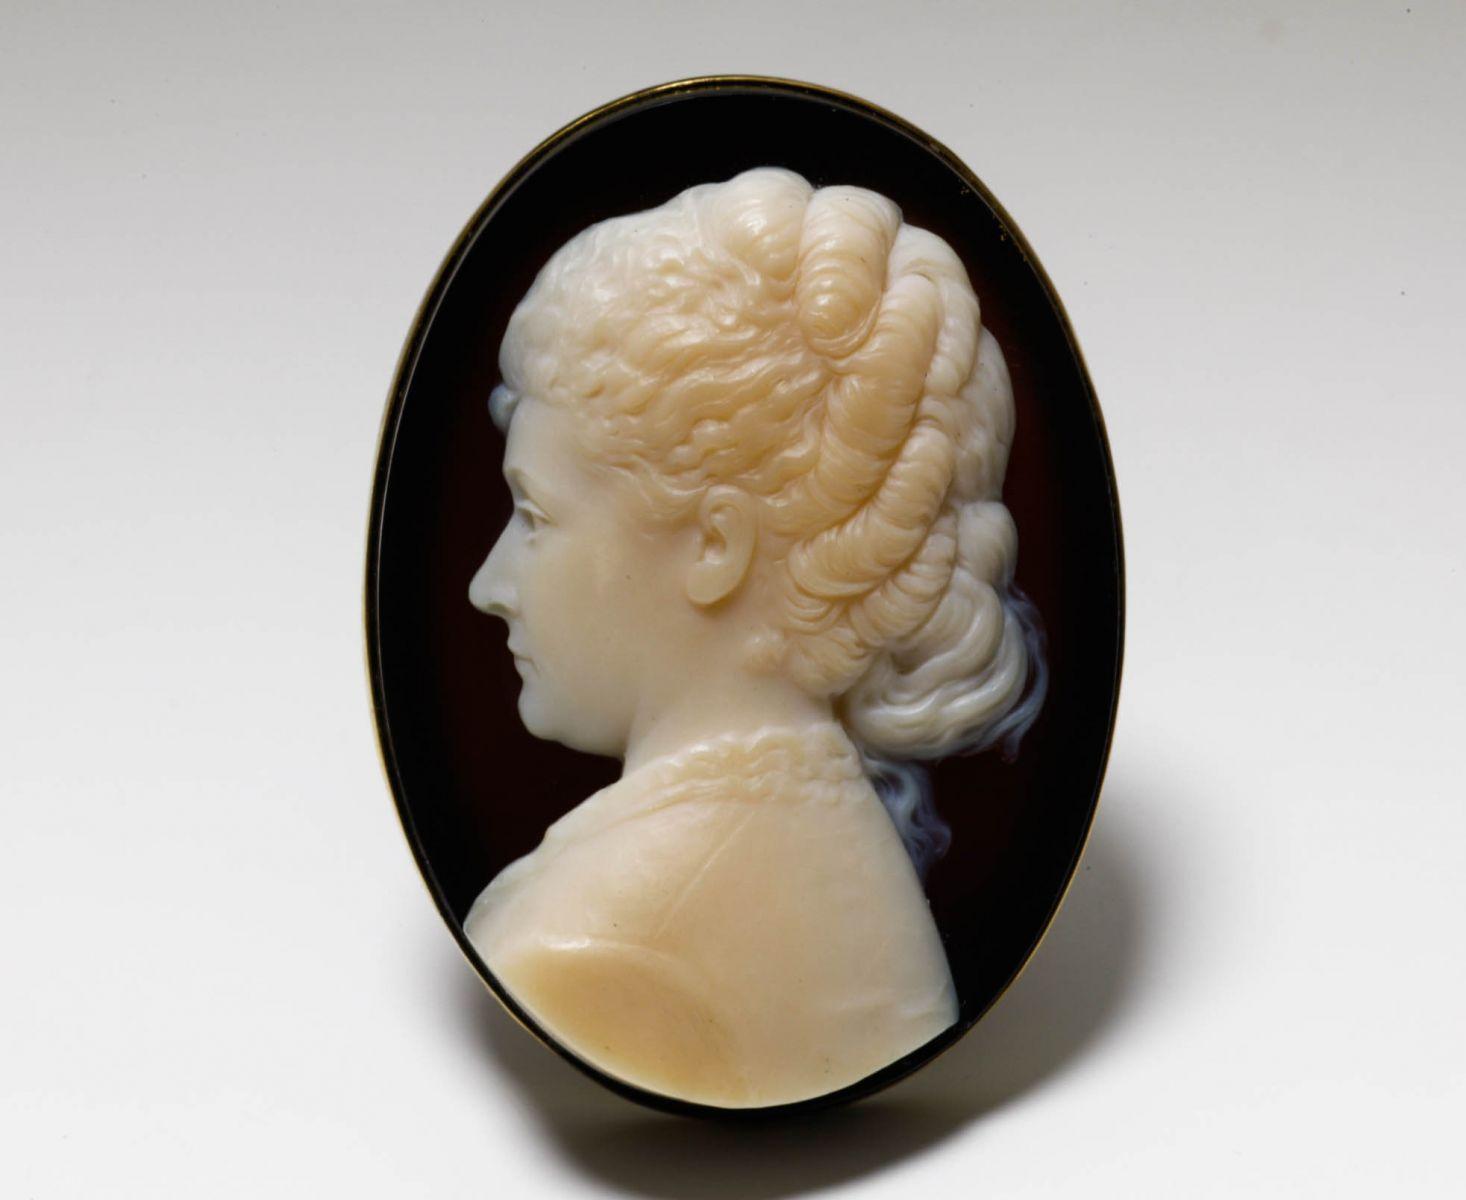 アンティークジュエリー ペンダント ネックレス ギリシャ公女 マリー・ボナパルトのカメオ